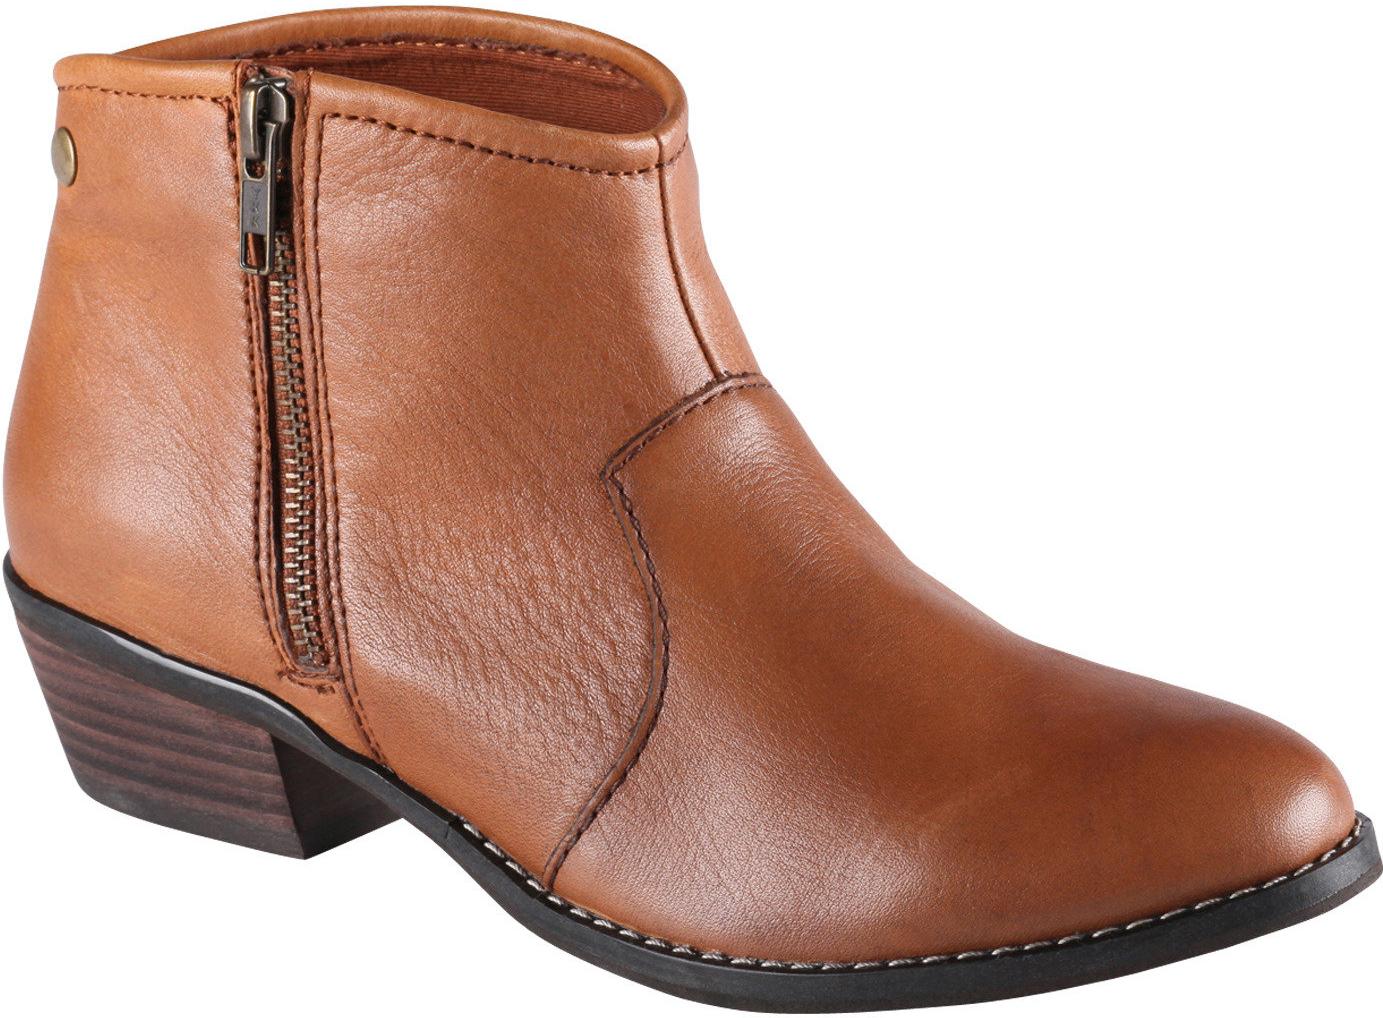 aldoshoes.com #women boots #MONTECRISTI #women's #ankle #boots ...